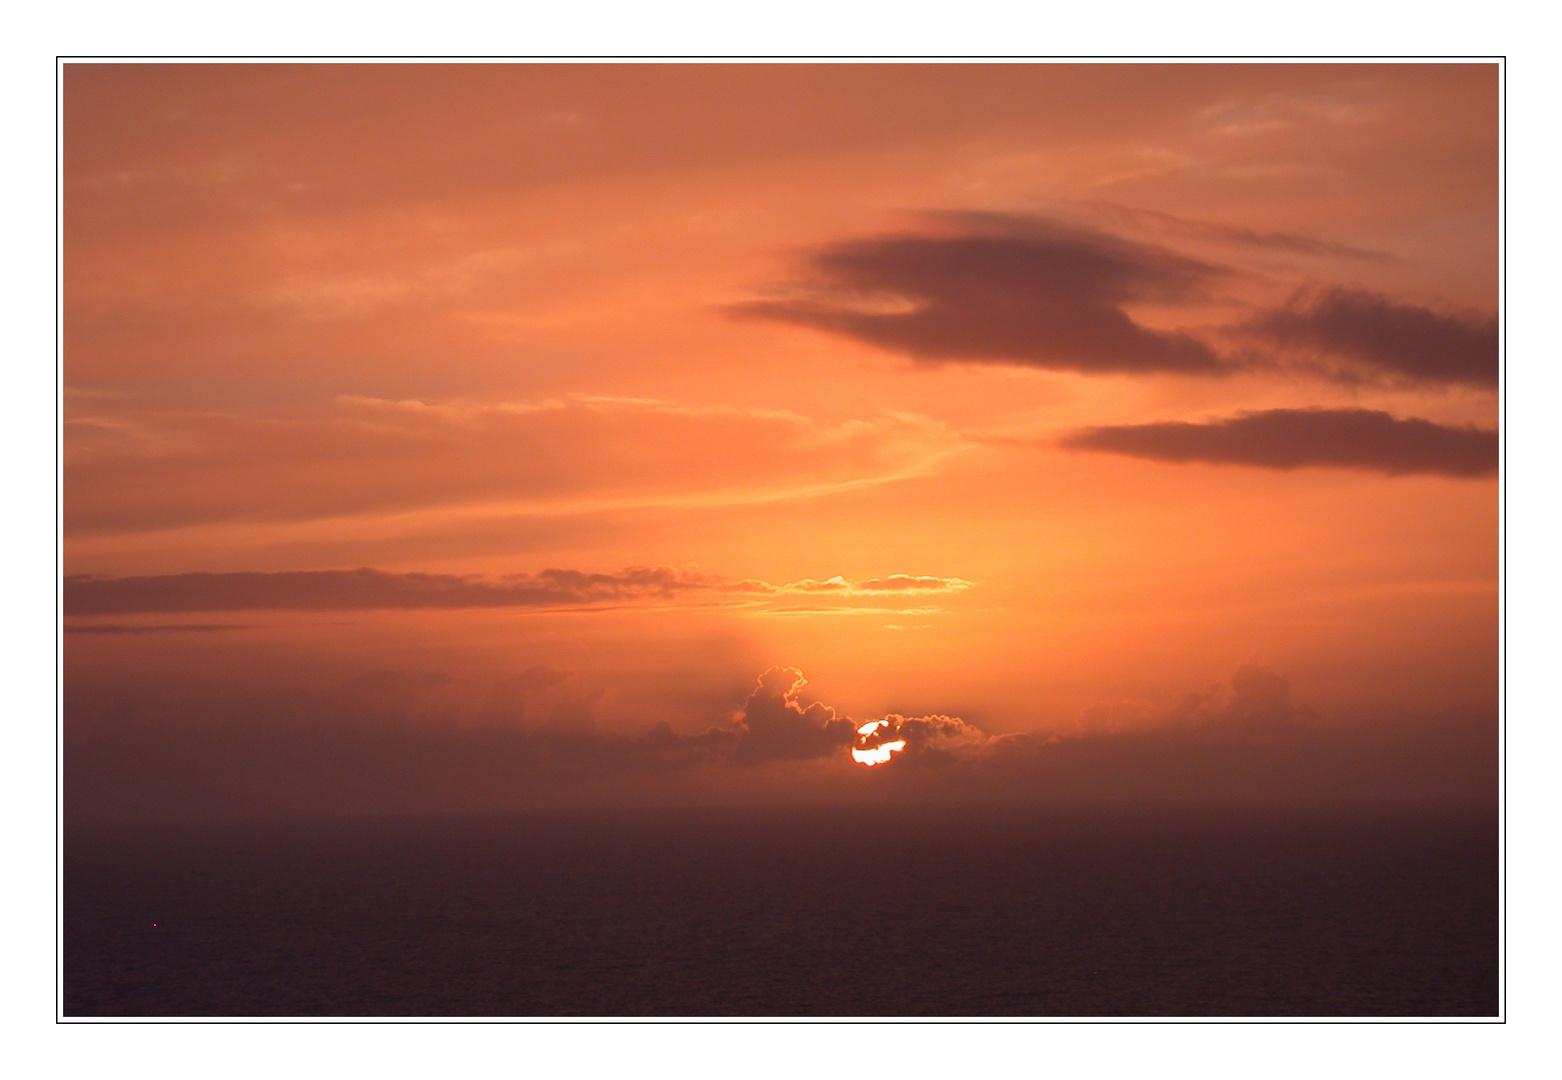 ...einfach schön, diese Sonnenuntergänge